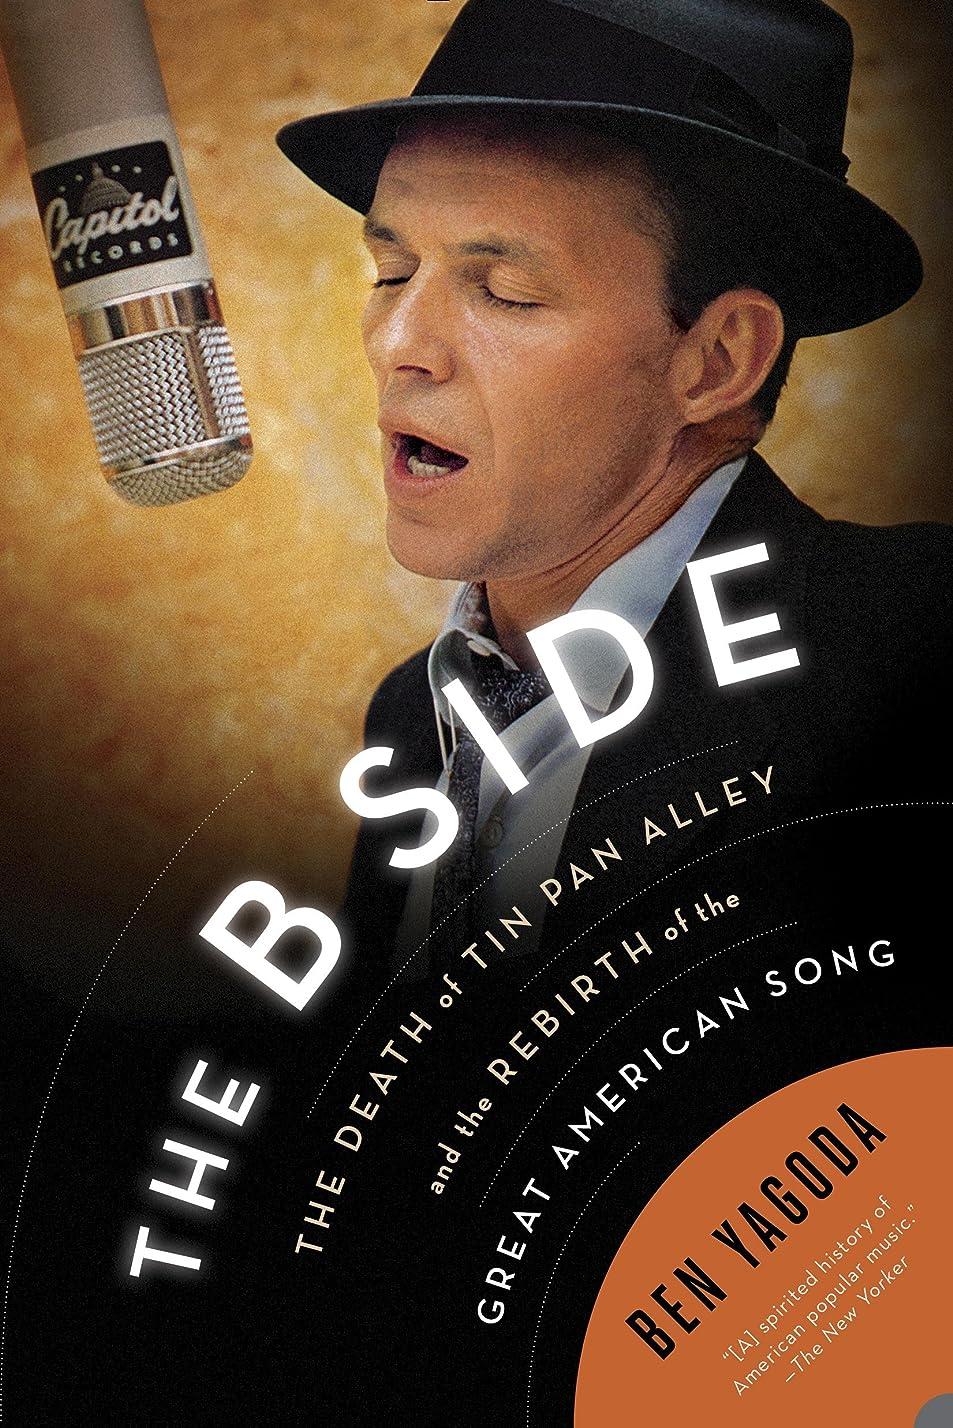 検出するコマンド識別するThe B Side: The Death of Tin Pan Alley and the Rebirth of the Great American Song (English Edition)